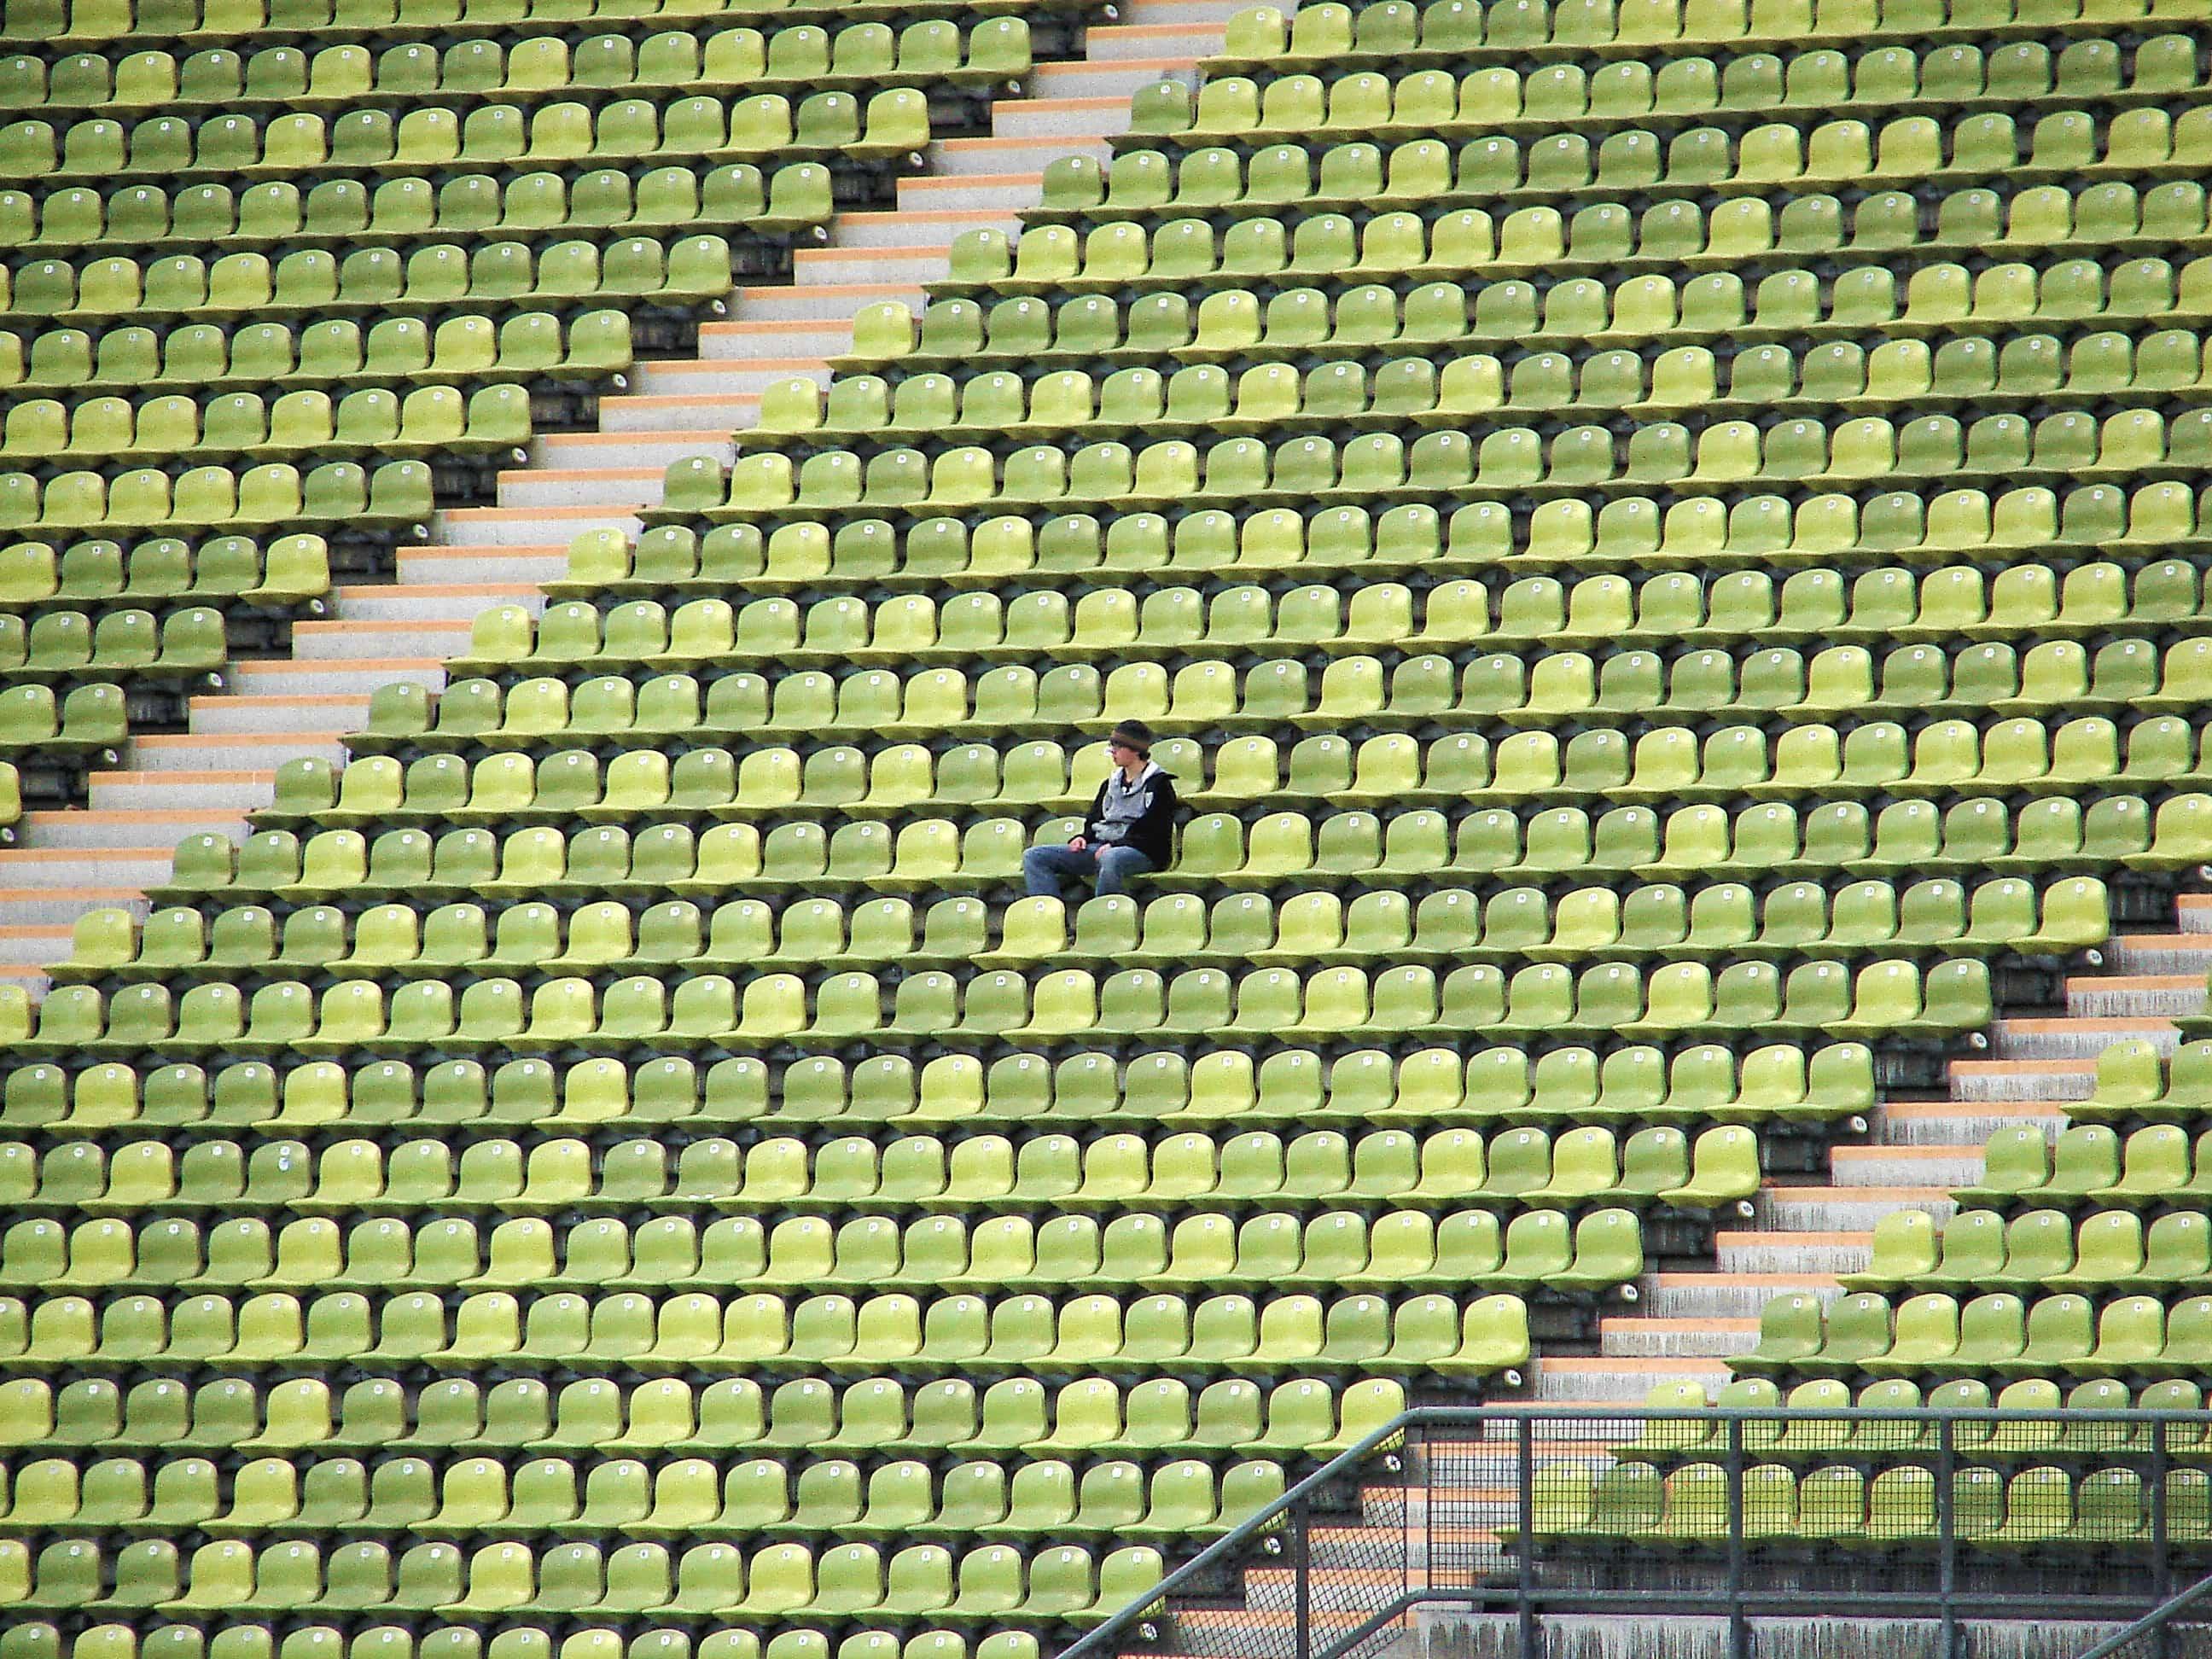 スタジアムに独りぼっちの少年